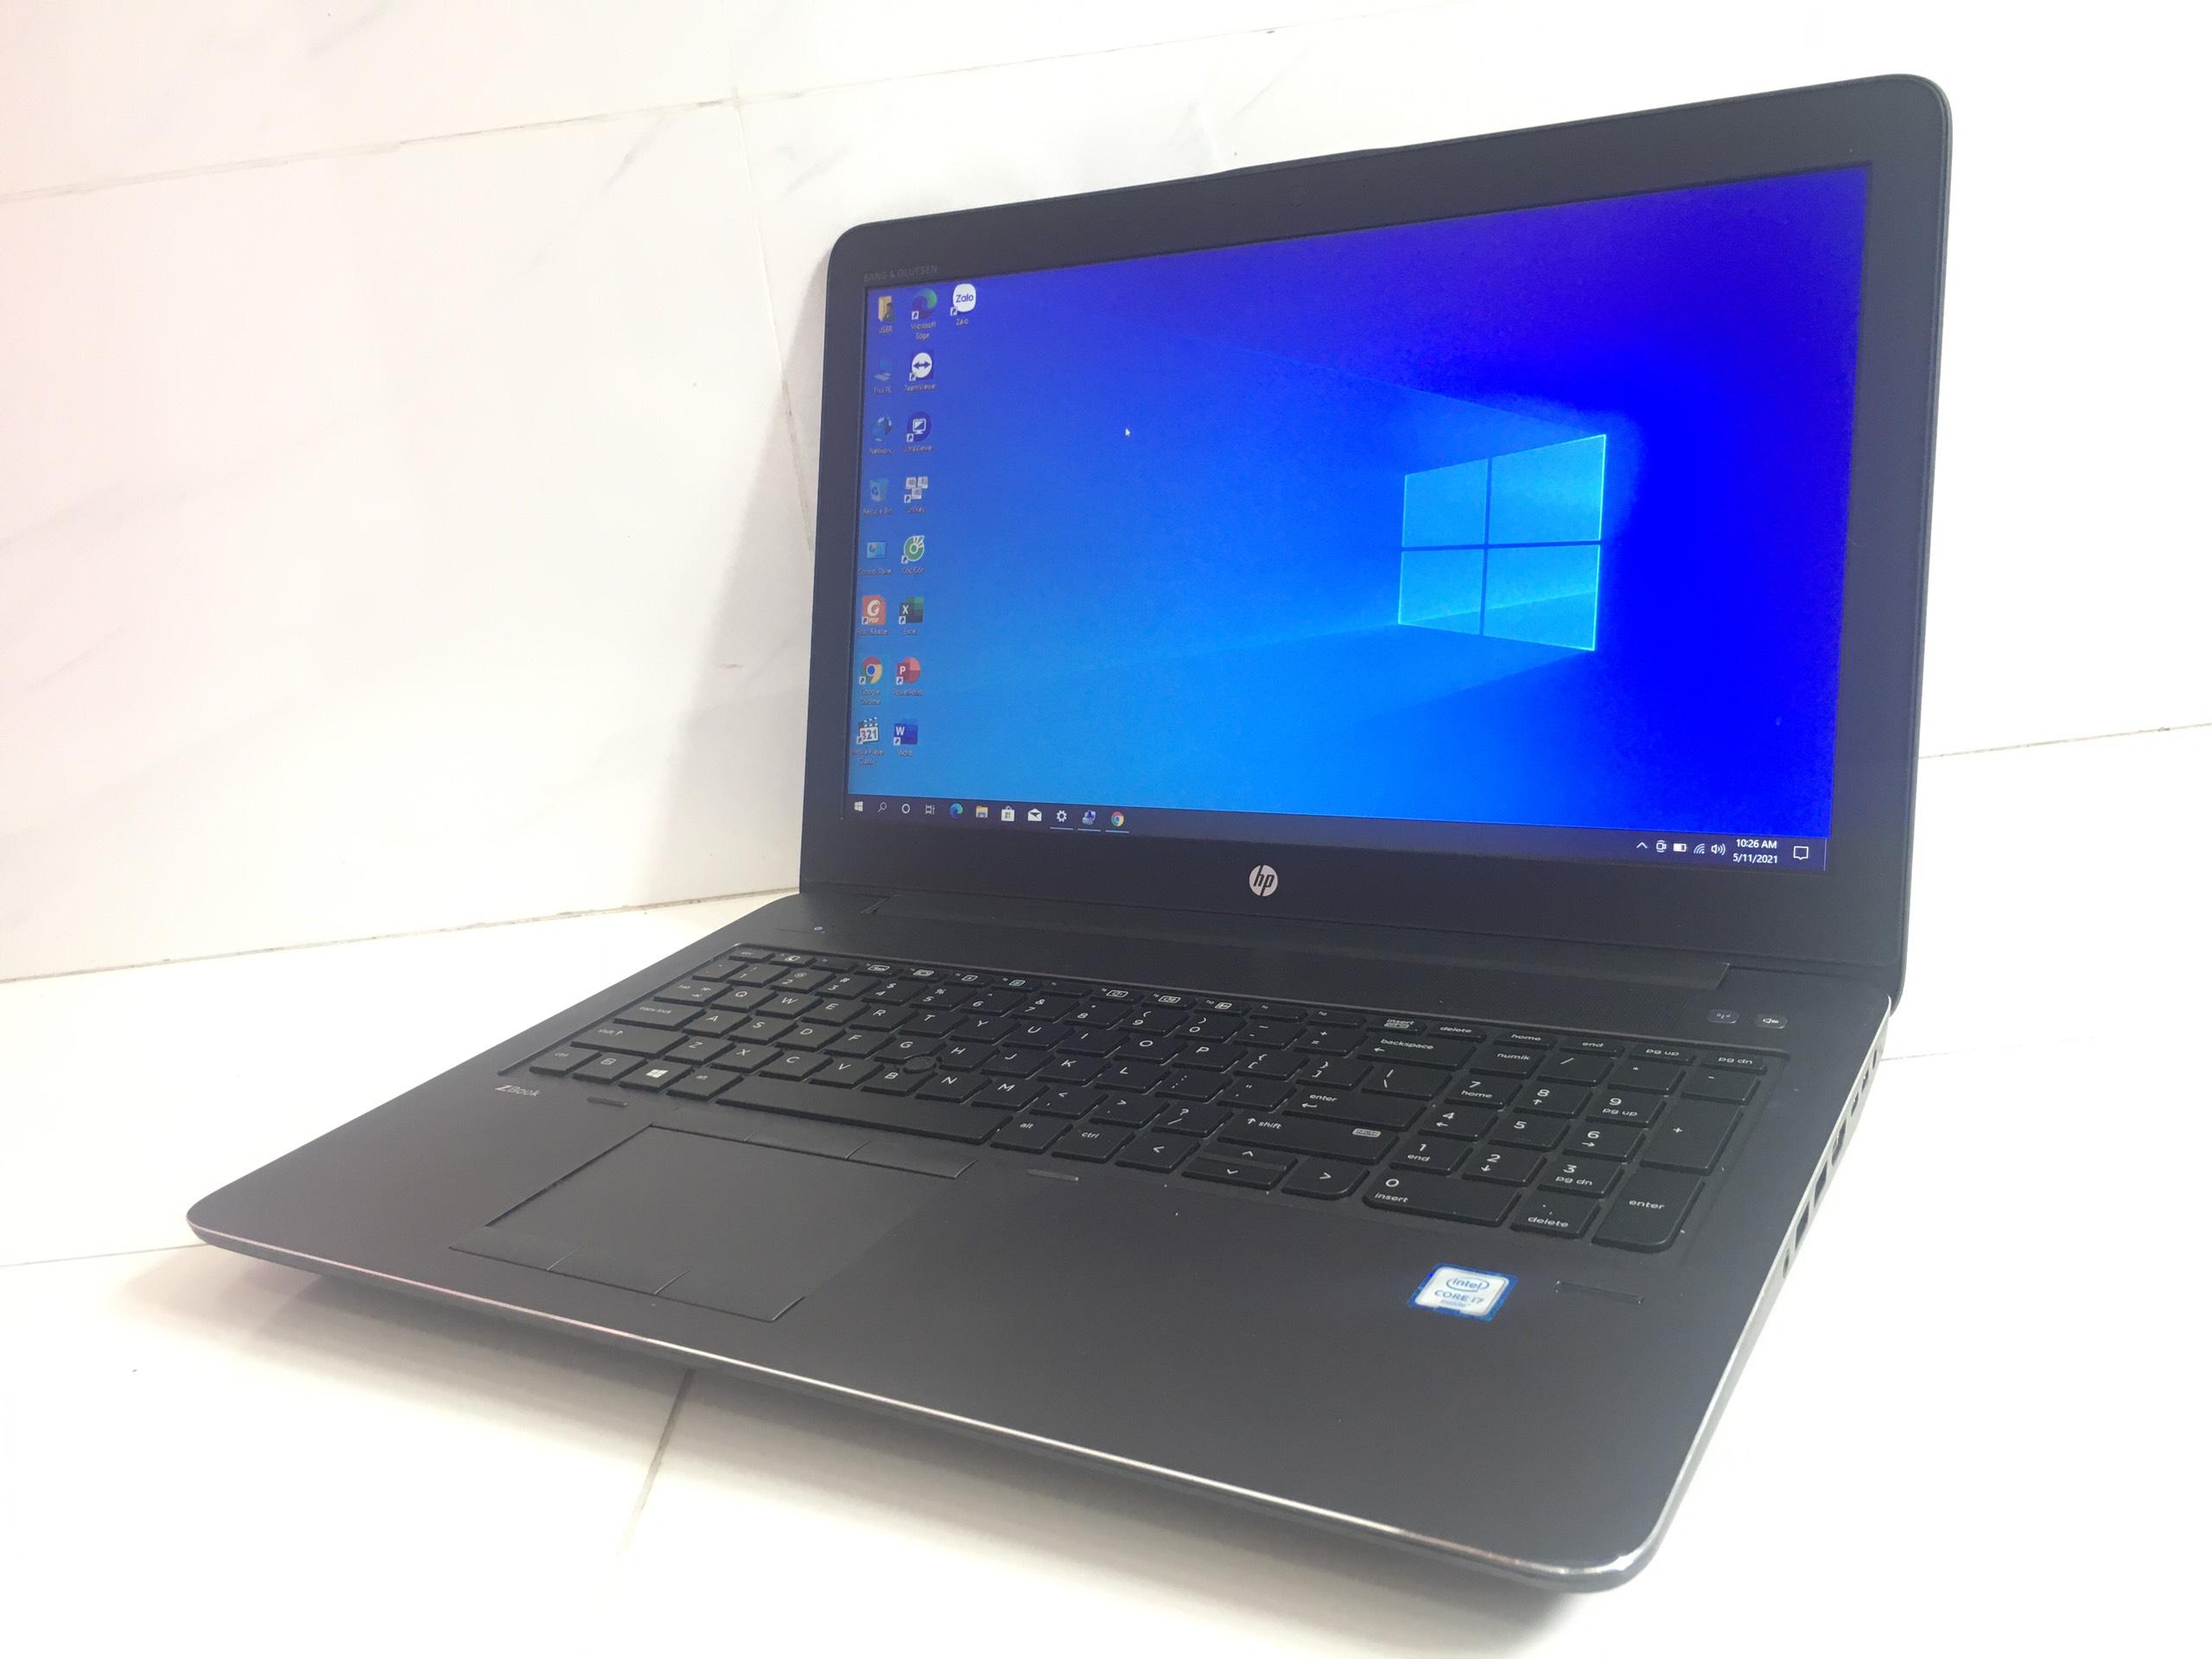 laptop-hp-zbook-15-g3-core-i7-6820hq-9